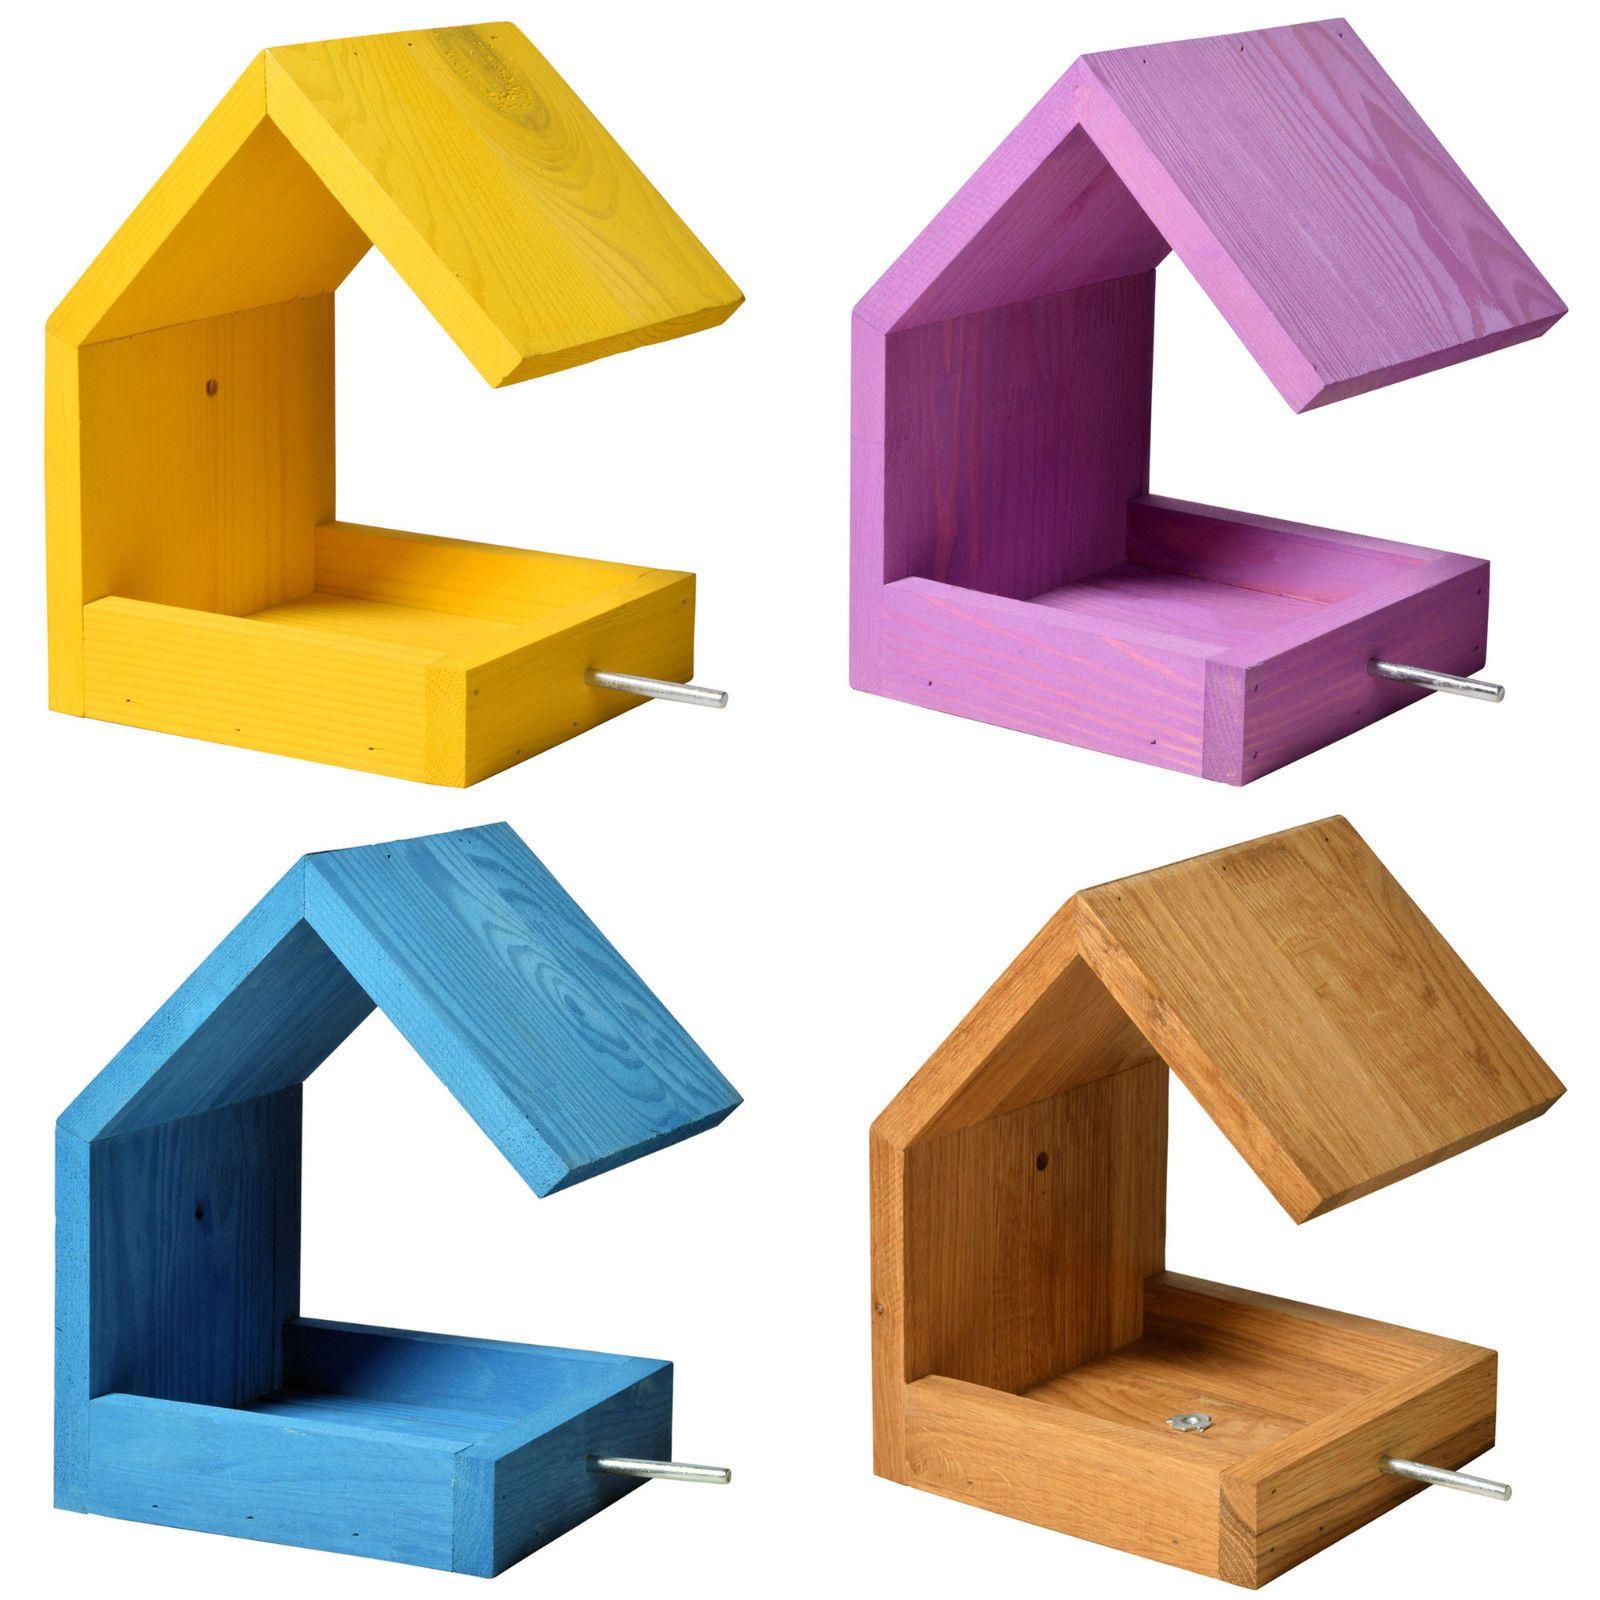 design vogelhaus vogelh uschen futterhaus v gel vogelfutterhaus vogelvilla holz pinterest. Black Bedroom Furniture Sets. Home Design Ideas